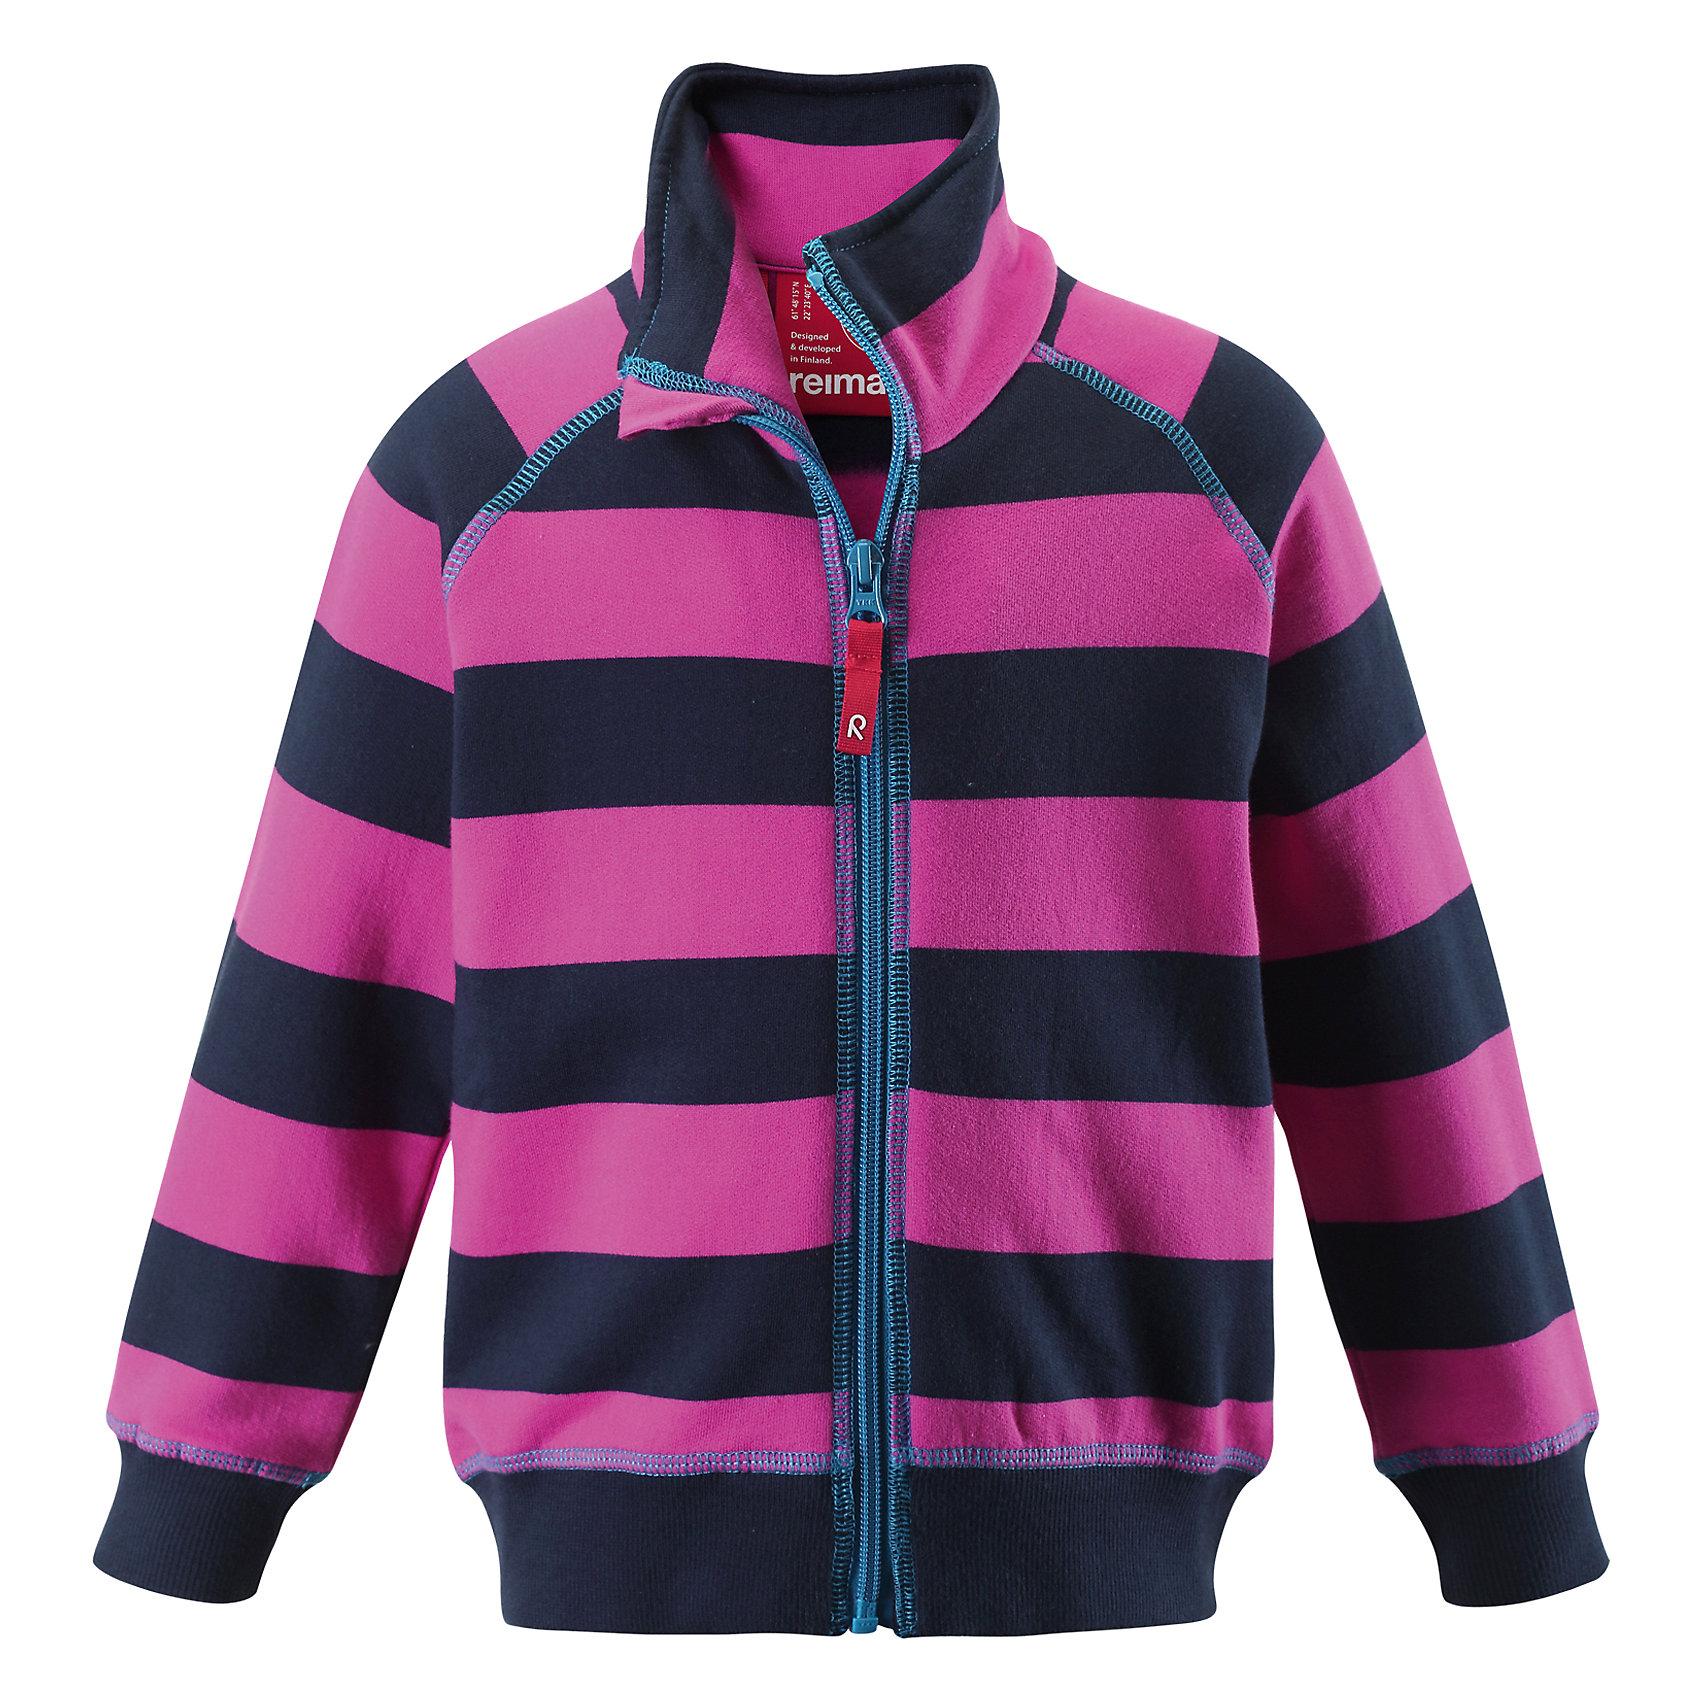 Куртка ReimaКуртка Reima (Рейма), синий от известного финского производителя  детской одежды Reima. Демисезонная куртка выполнена полиэстера, что обеспечивает высокую износоустойчивость, водооталкивающие,  грязеотталкивающие и ветрозащитные свойства. Изделие устойчиво к изменению формы и цвета даже при длительном использовании. Куртка имеет классическую форму: прямой силуэт с удлиненной спинкой, воротник-стойка, застежка-молния с защитой у подбородка, капюшон, рукава с регулировкой по ширине на застежках липучках. На передних боковых полочках имеются накладные карманы. Куртка подходит для прогулок в прохладную и дождливую погоду.<br><br>Дополнительная информация:<br><br>- Предназначение: повседневная одежда для прогулок и активного отдыха<br>- Цвет: синий<br>- Пол: для мальчика<br>- Состав: 100% полиэстер<br>- Сезон: осень-весна (демисезонная)<br>- Особенности ухода: стирать изделие, предварительно вывернув его на левую сторону, не использовать отбеливающие вещества<br><br>Подробнее:<br><br>• Для детей в возрасте: от 1,5 лет и до 2 лет<br>• Страна производитель: Китай<br>• Торговый бренд: Reima, Финляндия<br><br>Куртку Reima (Рейма), синий можно купить в нашем интернет-магазине.<br><br>Ширина мм: 356<br>Глубина мм: 10<br>Высота мм: 245<br>Вес г: 519<br>Возраст от месяцев: 48<br>Возраст до месяцев: 60<br>Пол: Унисекс<br>Возраст: Детский<br>Размер: 110,104,140,122,134,116,128<br>SKU: 4864038